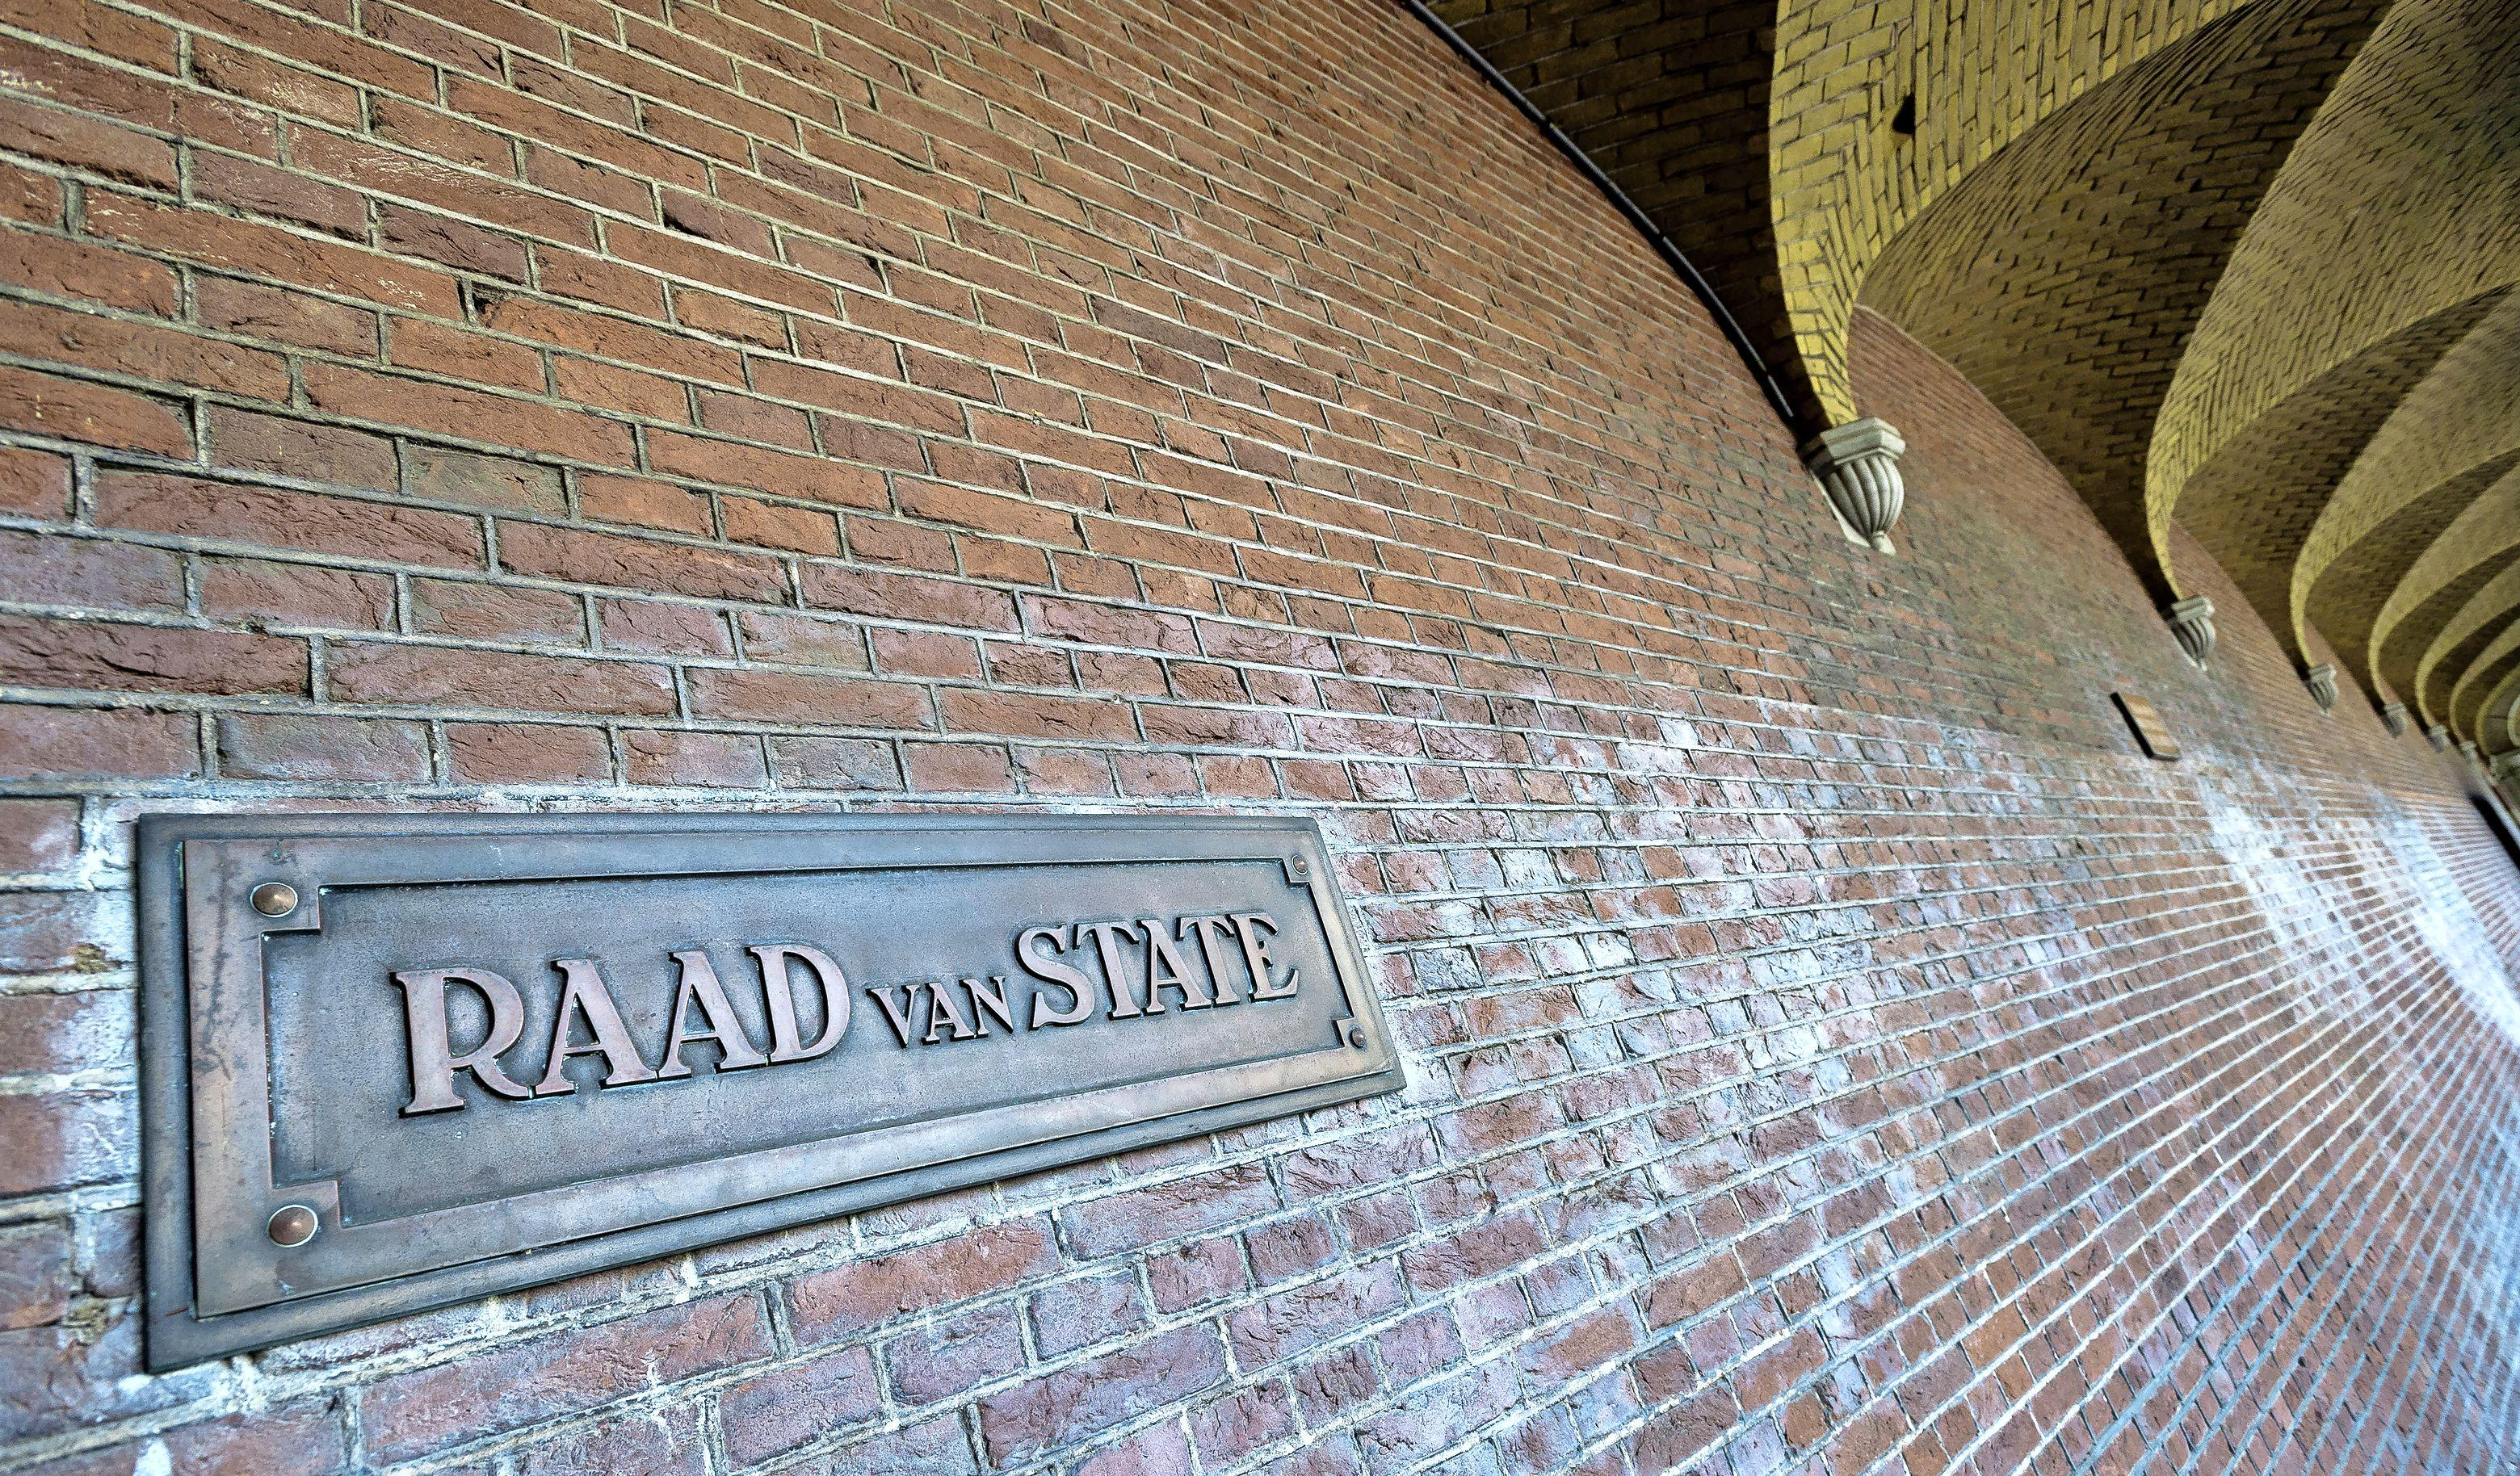 Stal Rieder aan de Goyergracht Noord kan eindelijk verder met sloop en nieuwbouw, al zijn ze wel net met de hakken over de sloot